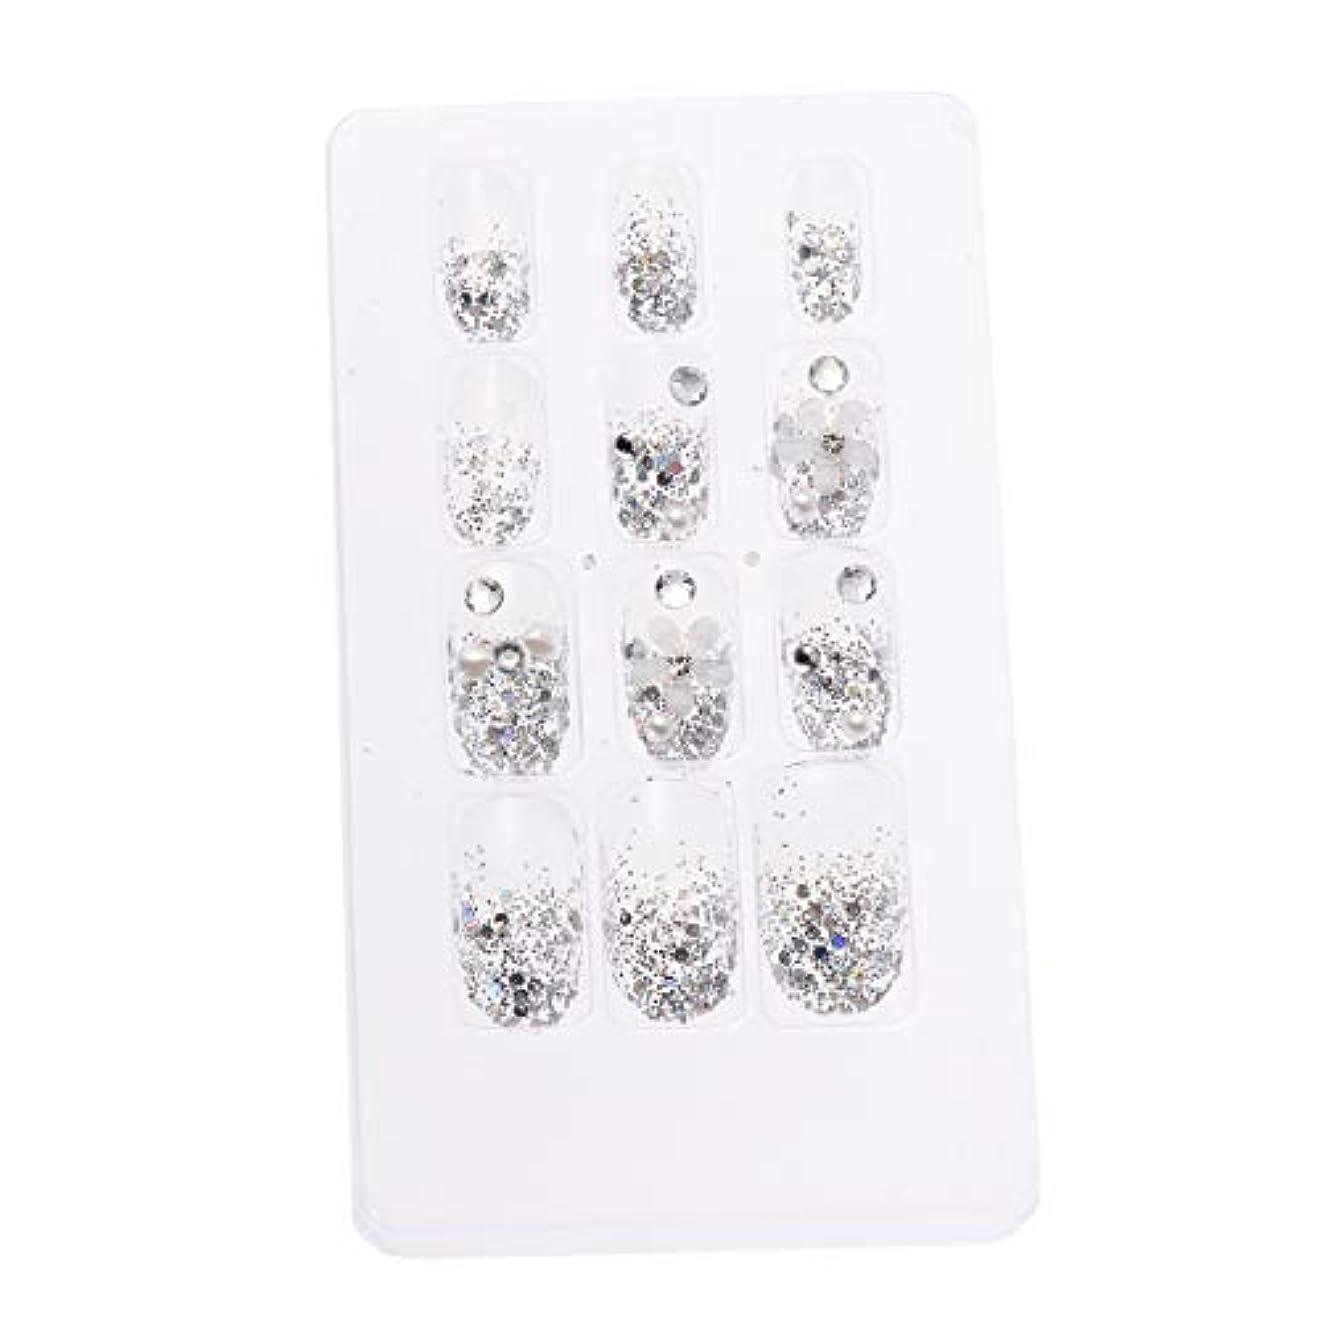 租界出版不機嫌LURROSE 24ピースネイルステッカー 人工ダイヤモンド装飾ネイルアート用ブライダル女性